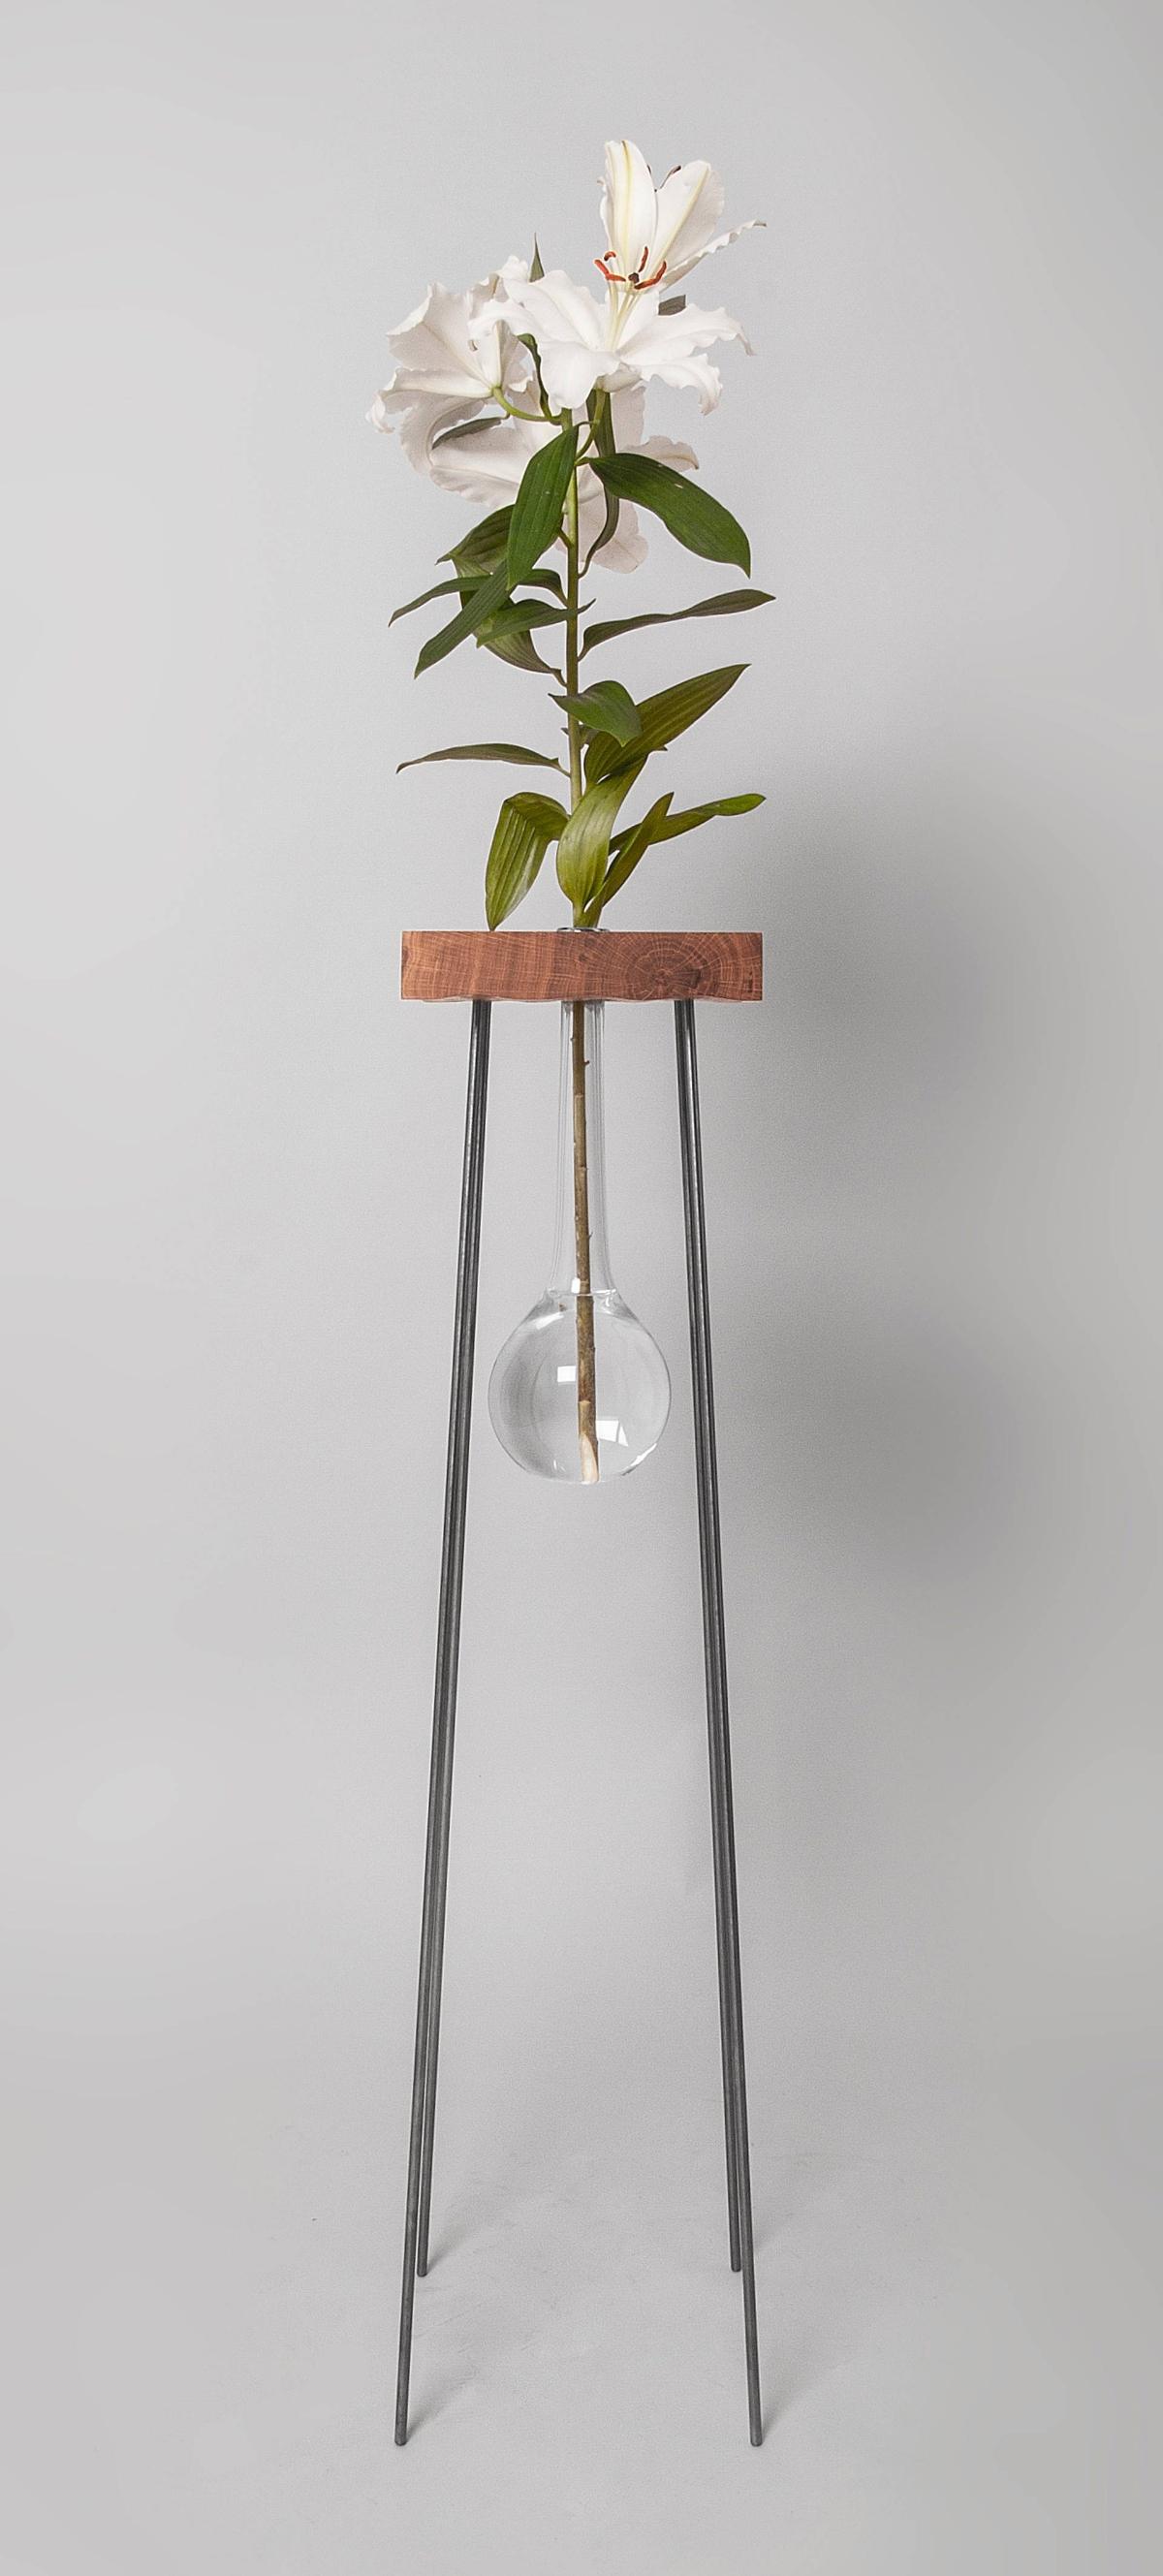 生け花のことを考えに考えたテーブル(たぶん世界初)